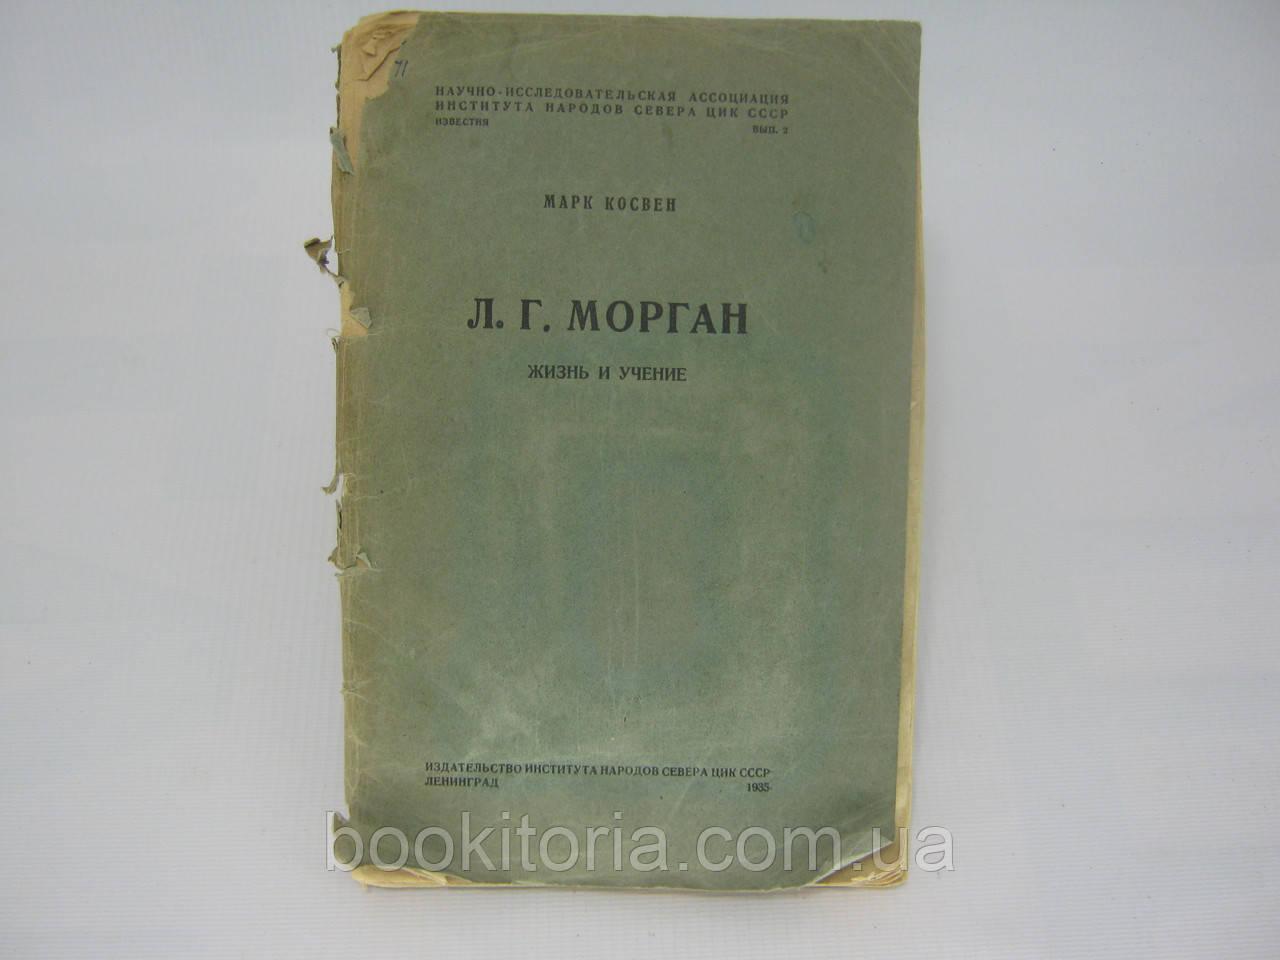 Косвен М. Л.Г. Морган. Жизнь и учение (б/у).